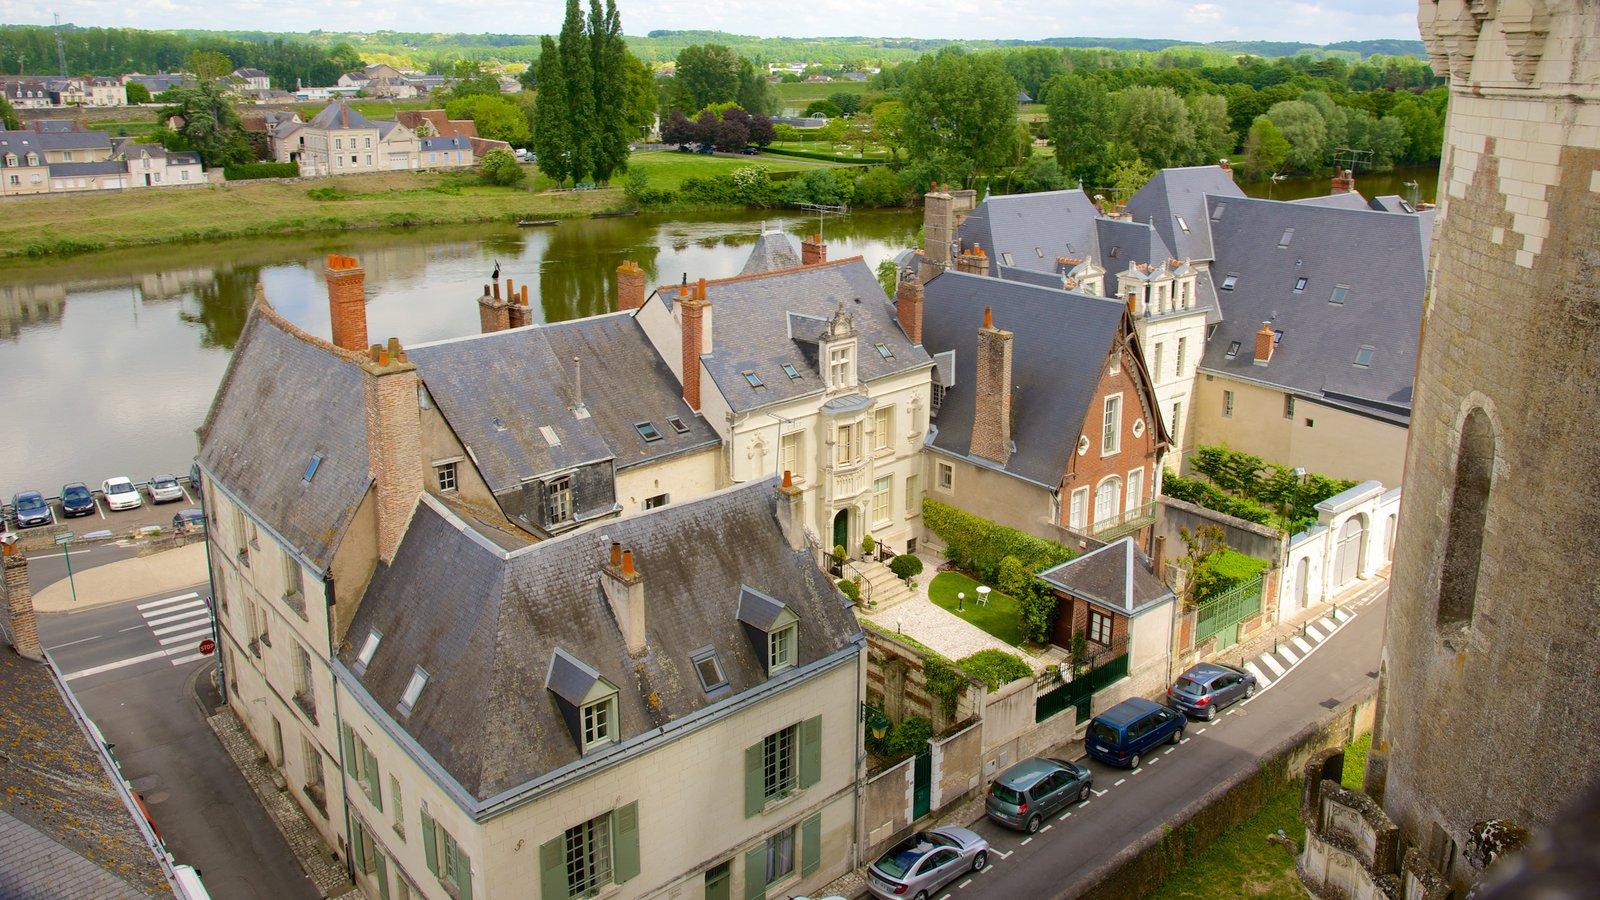 Amboise caracterizando uma cidade pequena ou vila, elementos de patrimônio e um rio ou córrego